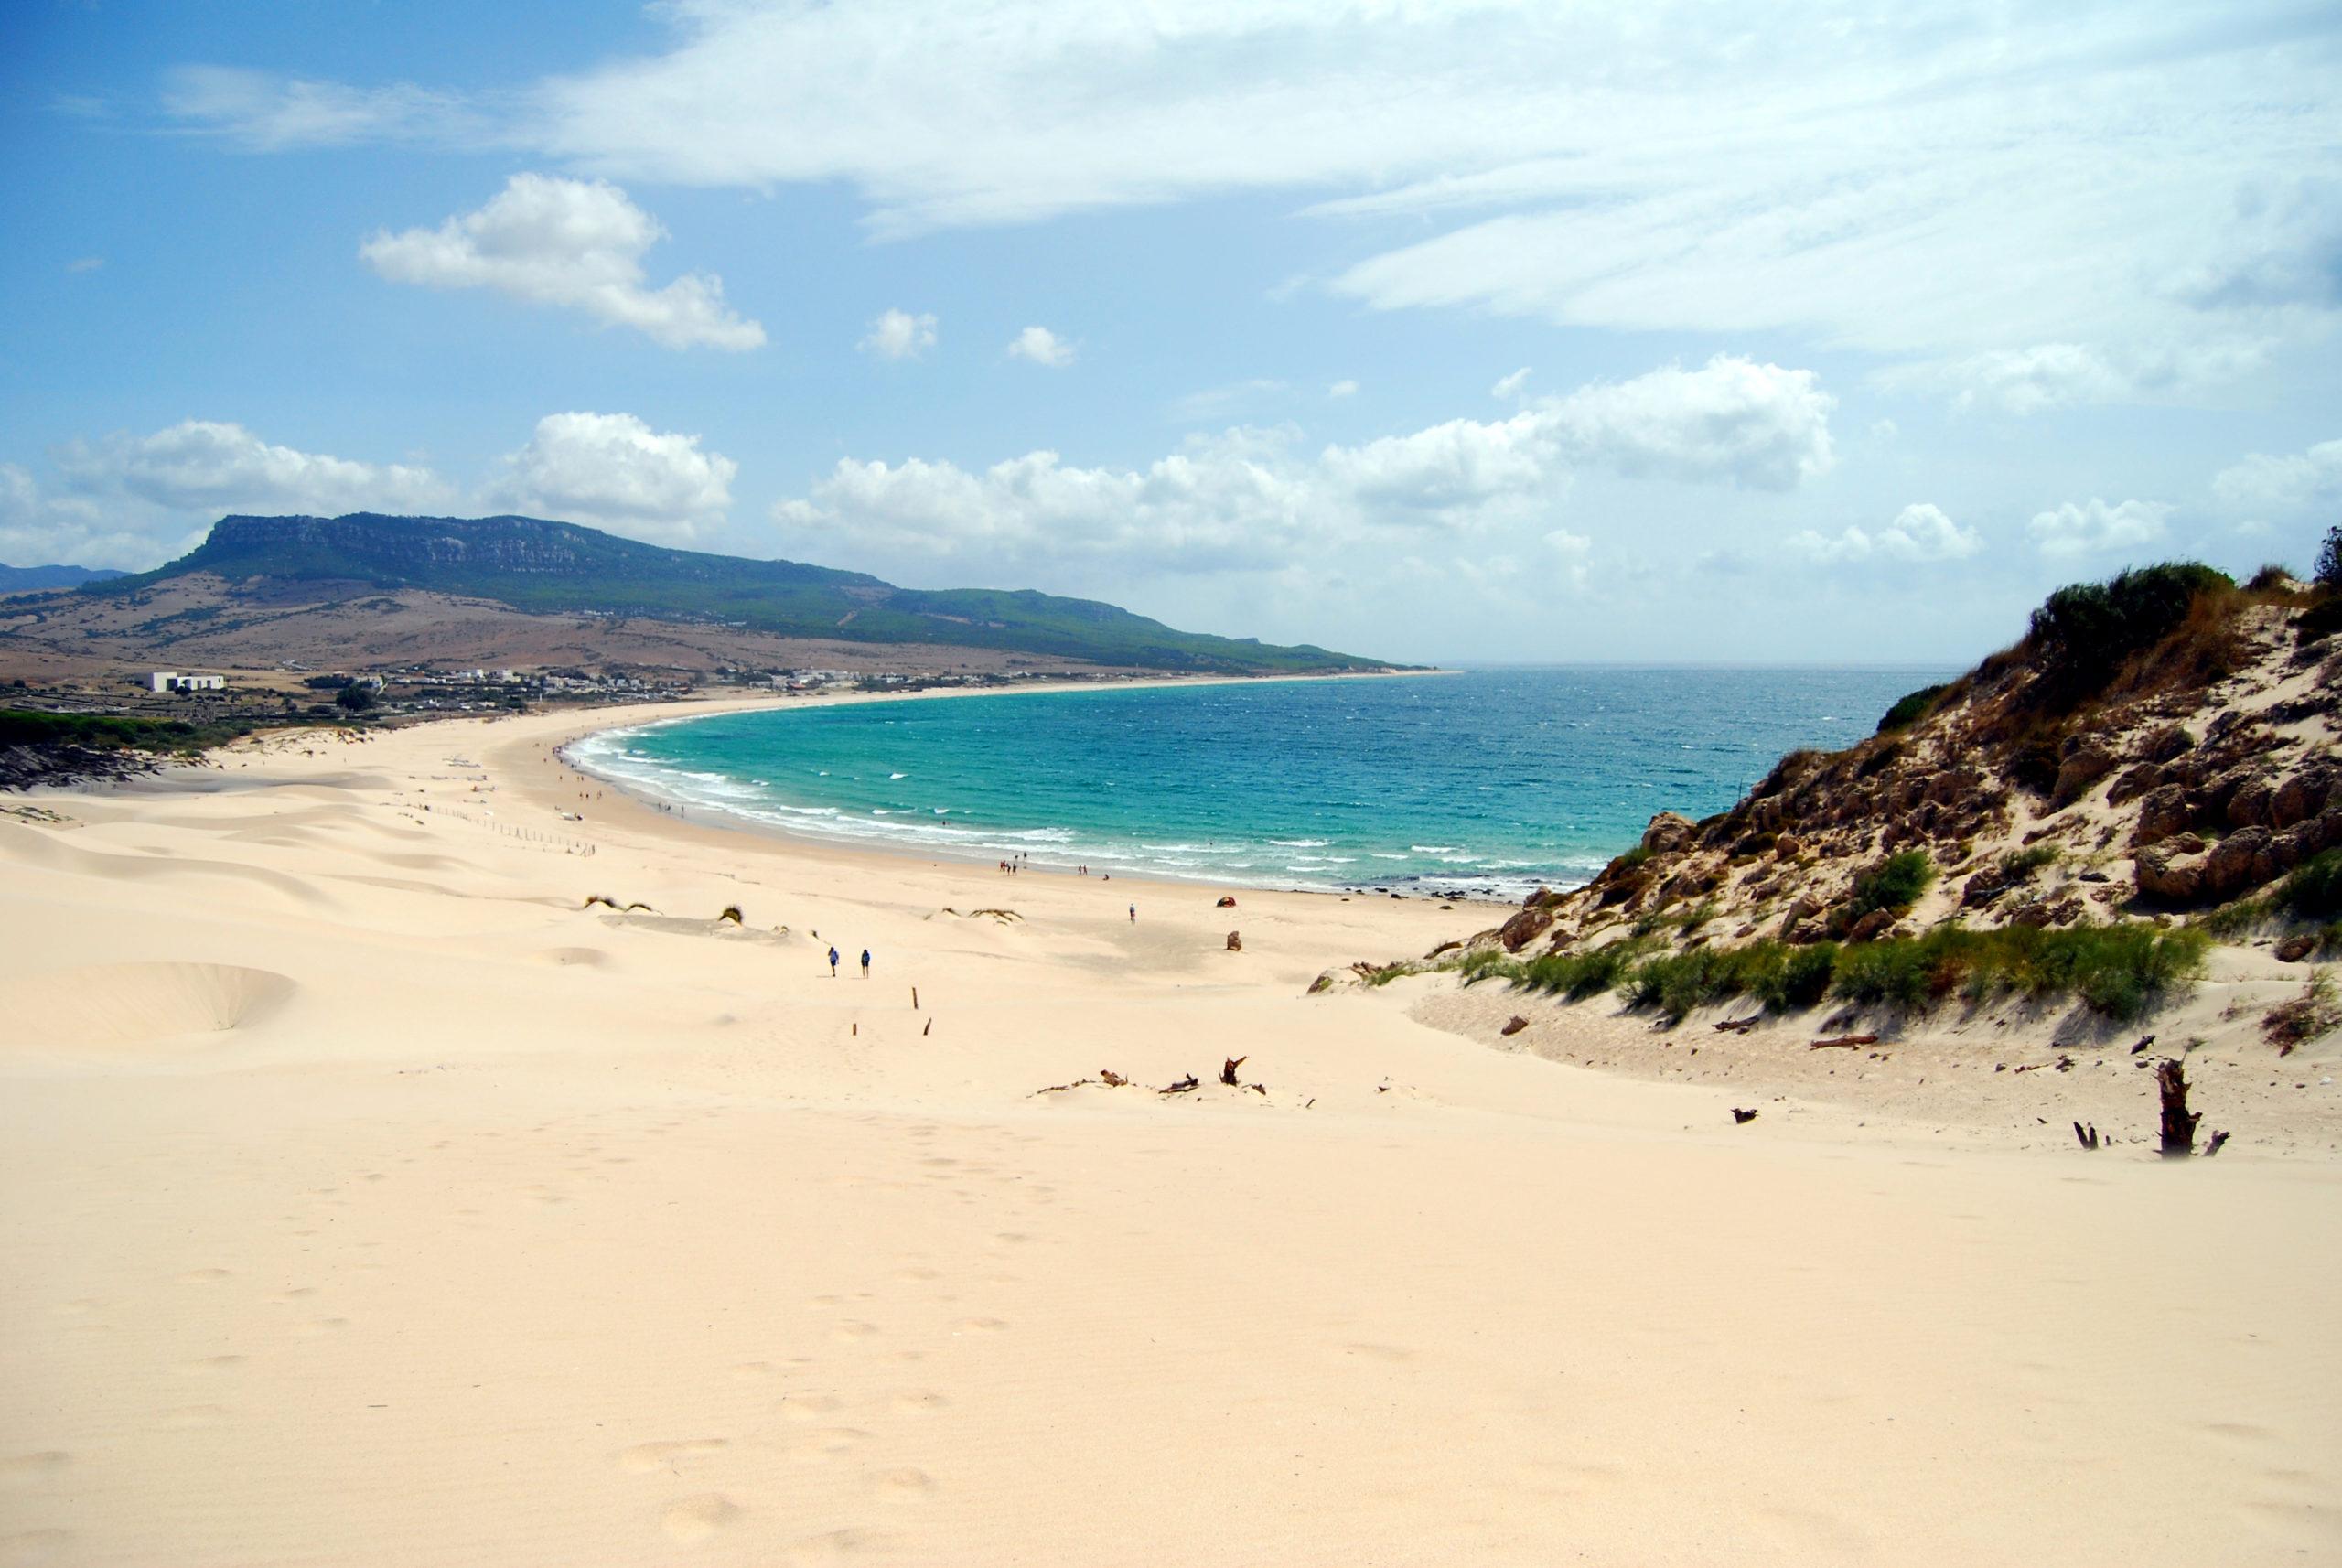 mejores-playas-de-cadiz-bolonia